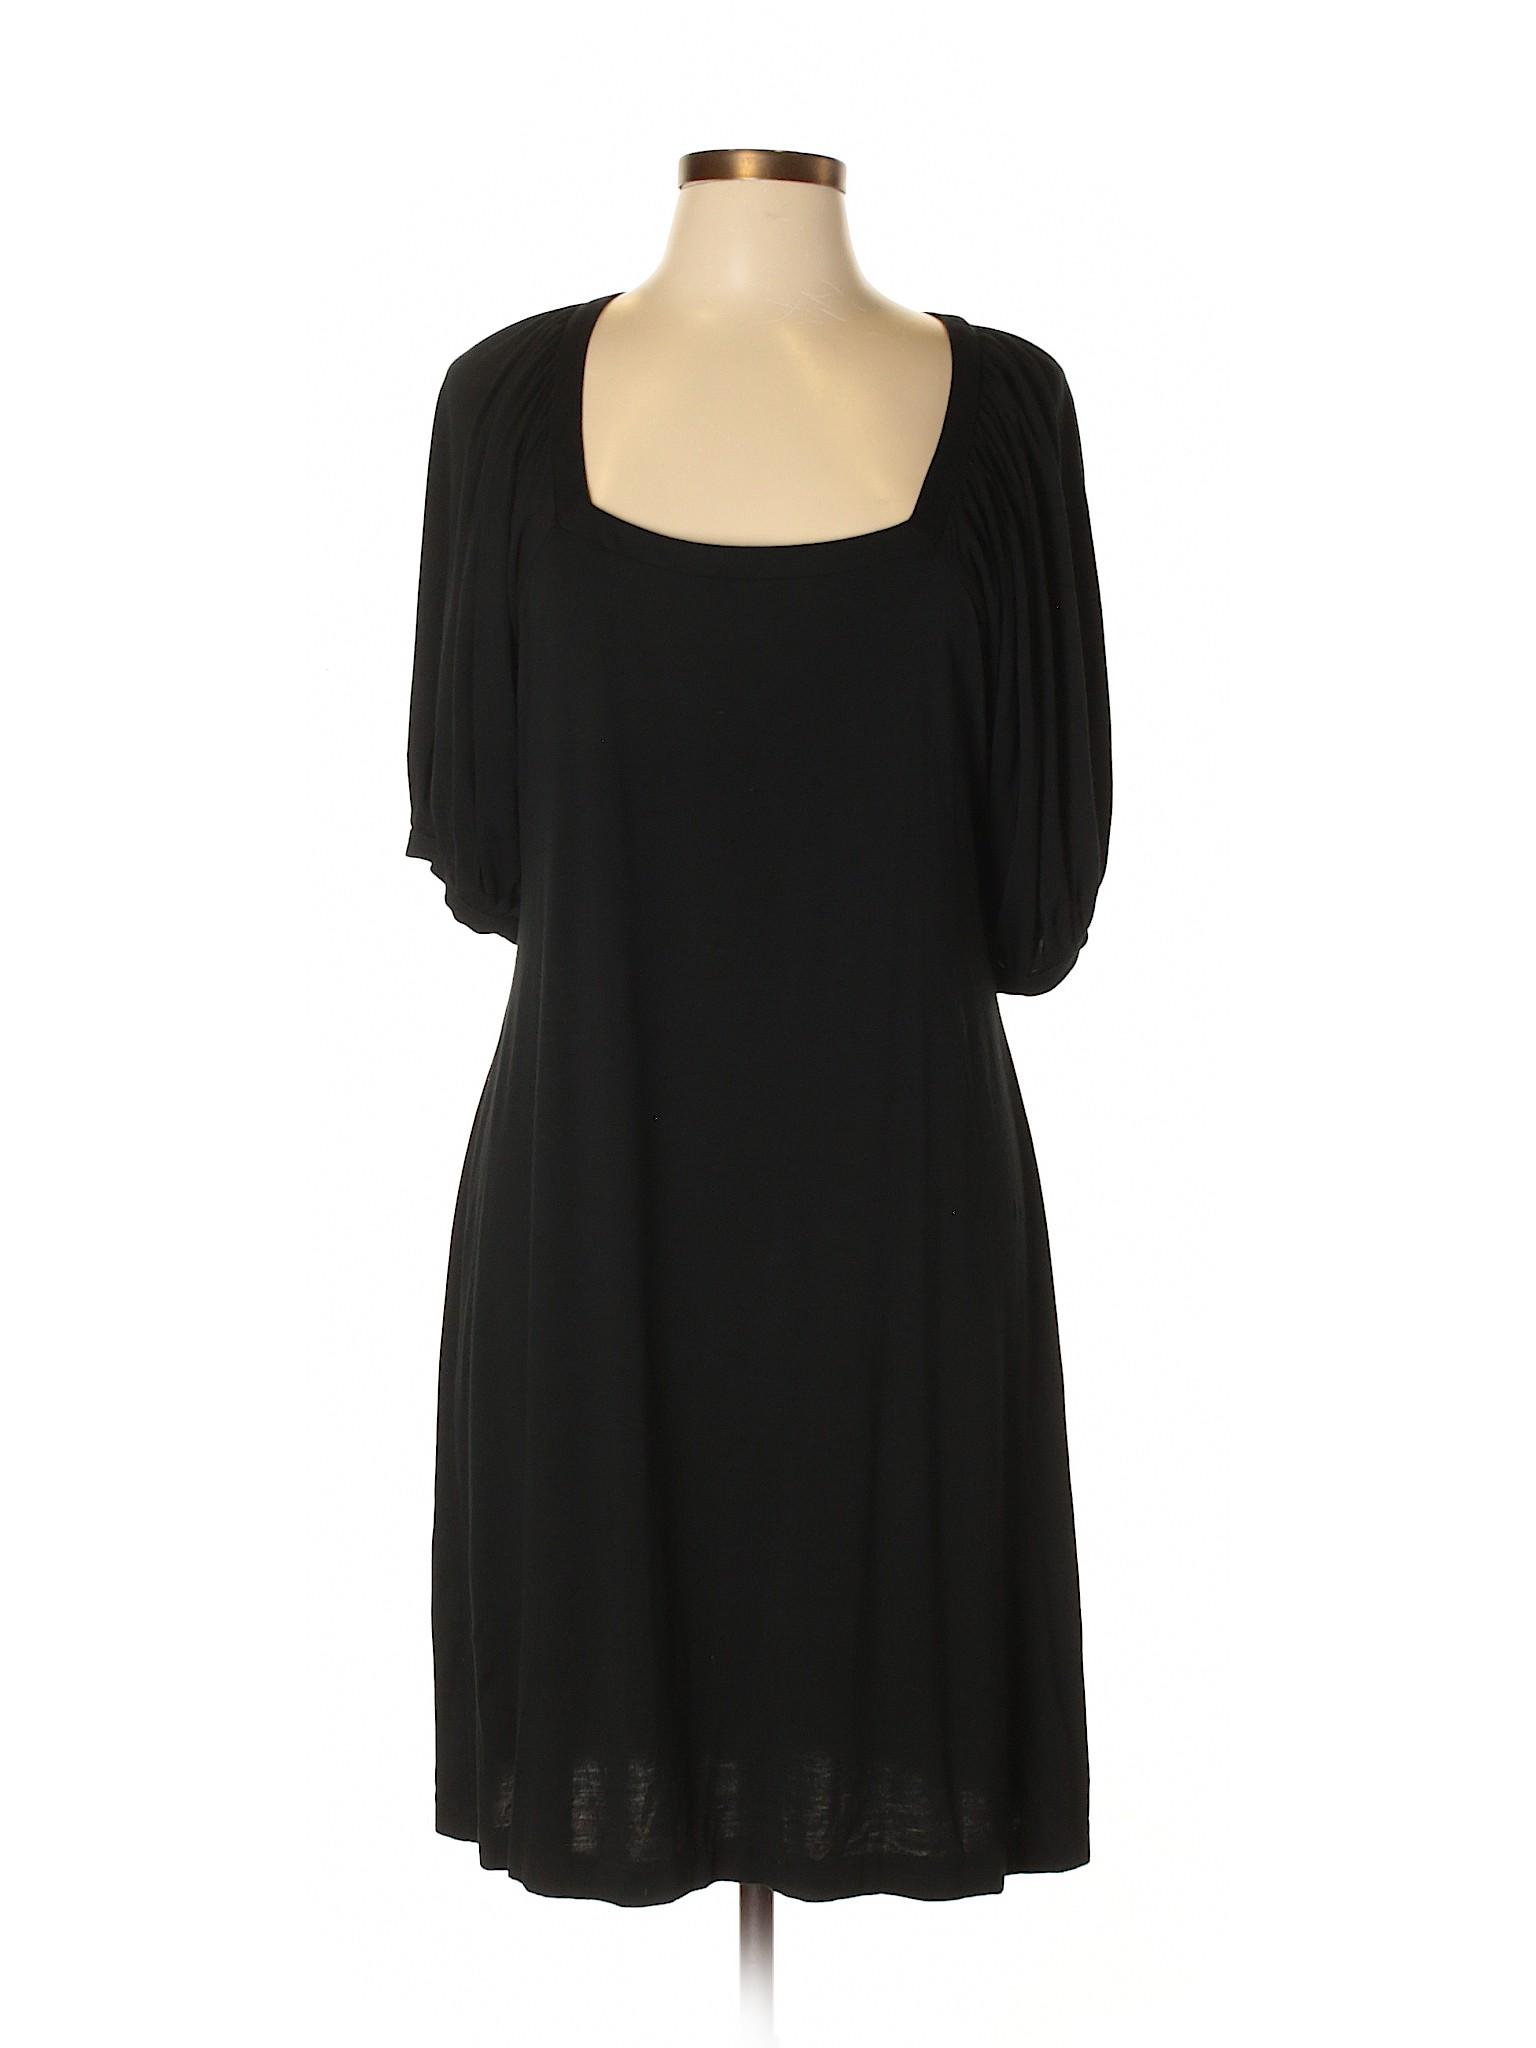 Boutique Republic Dress Casual Banana winter wTqTxa7p0